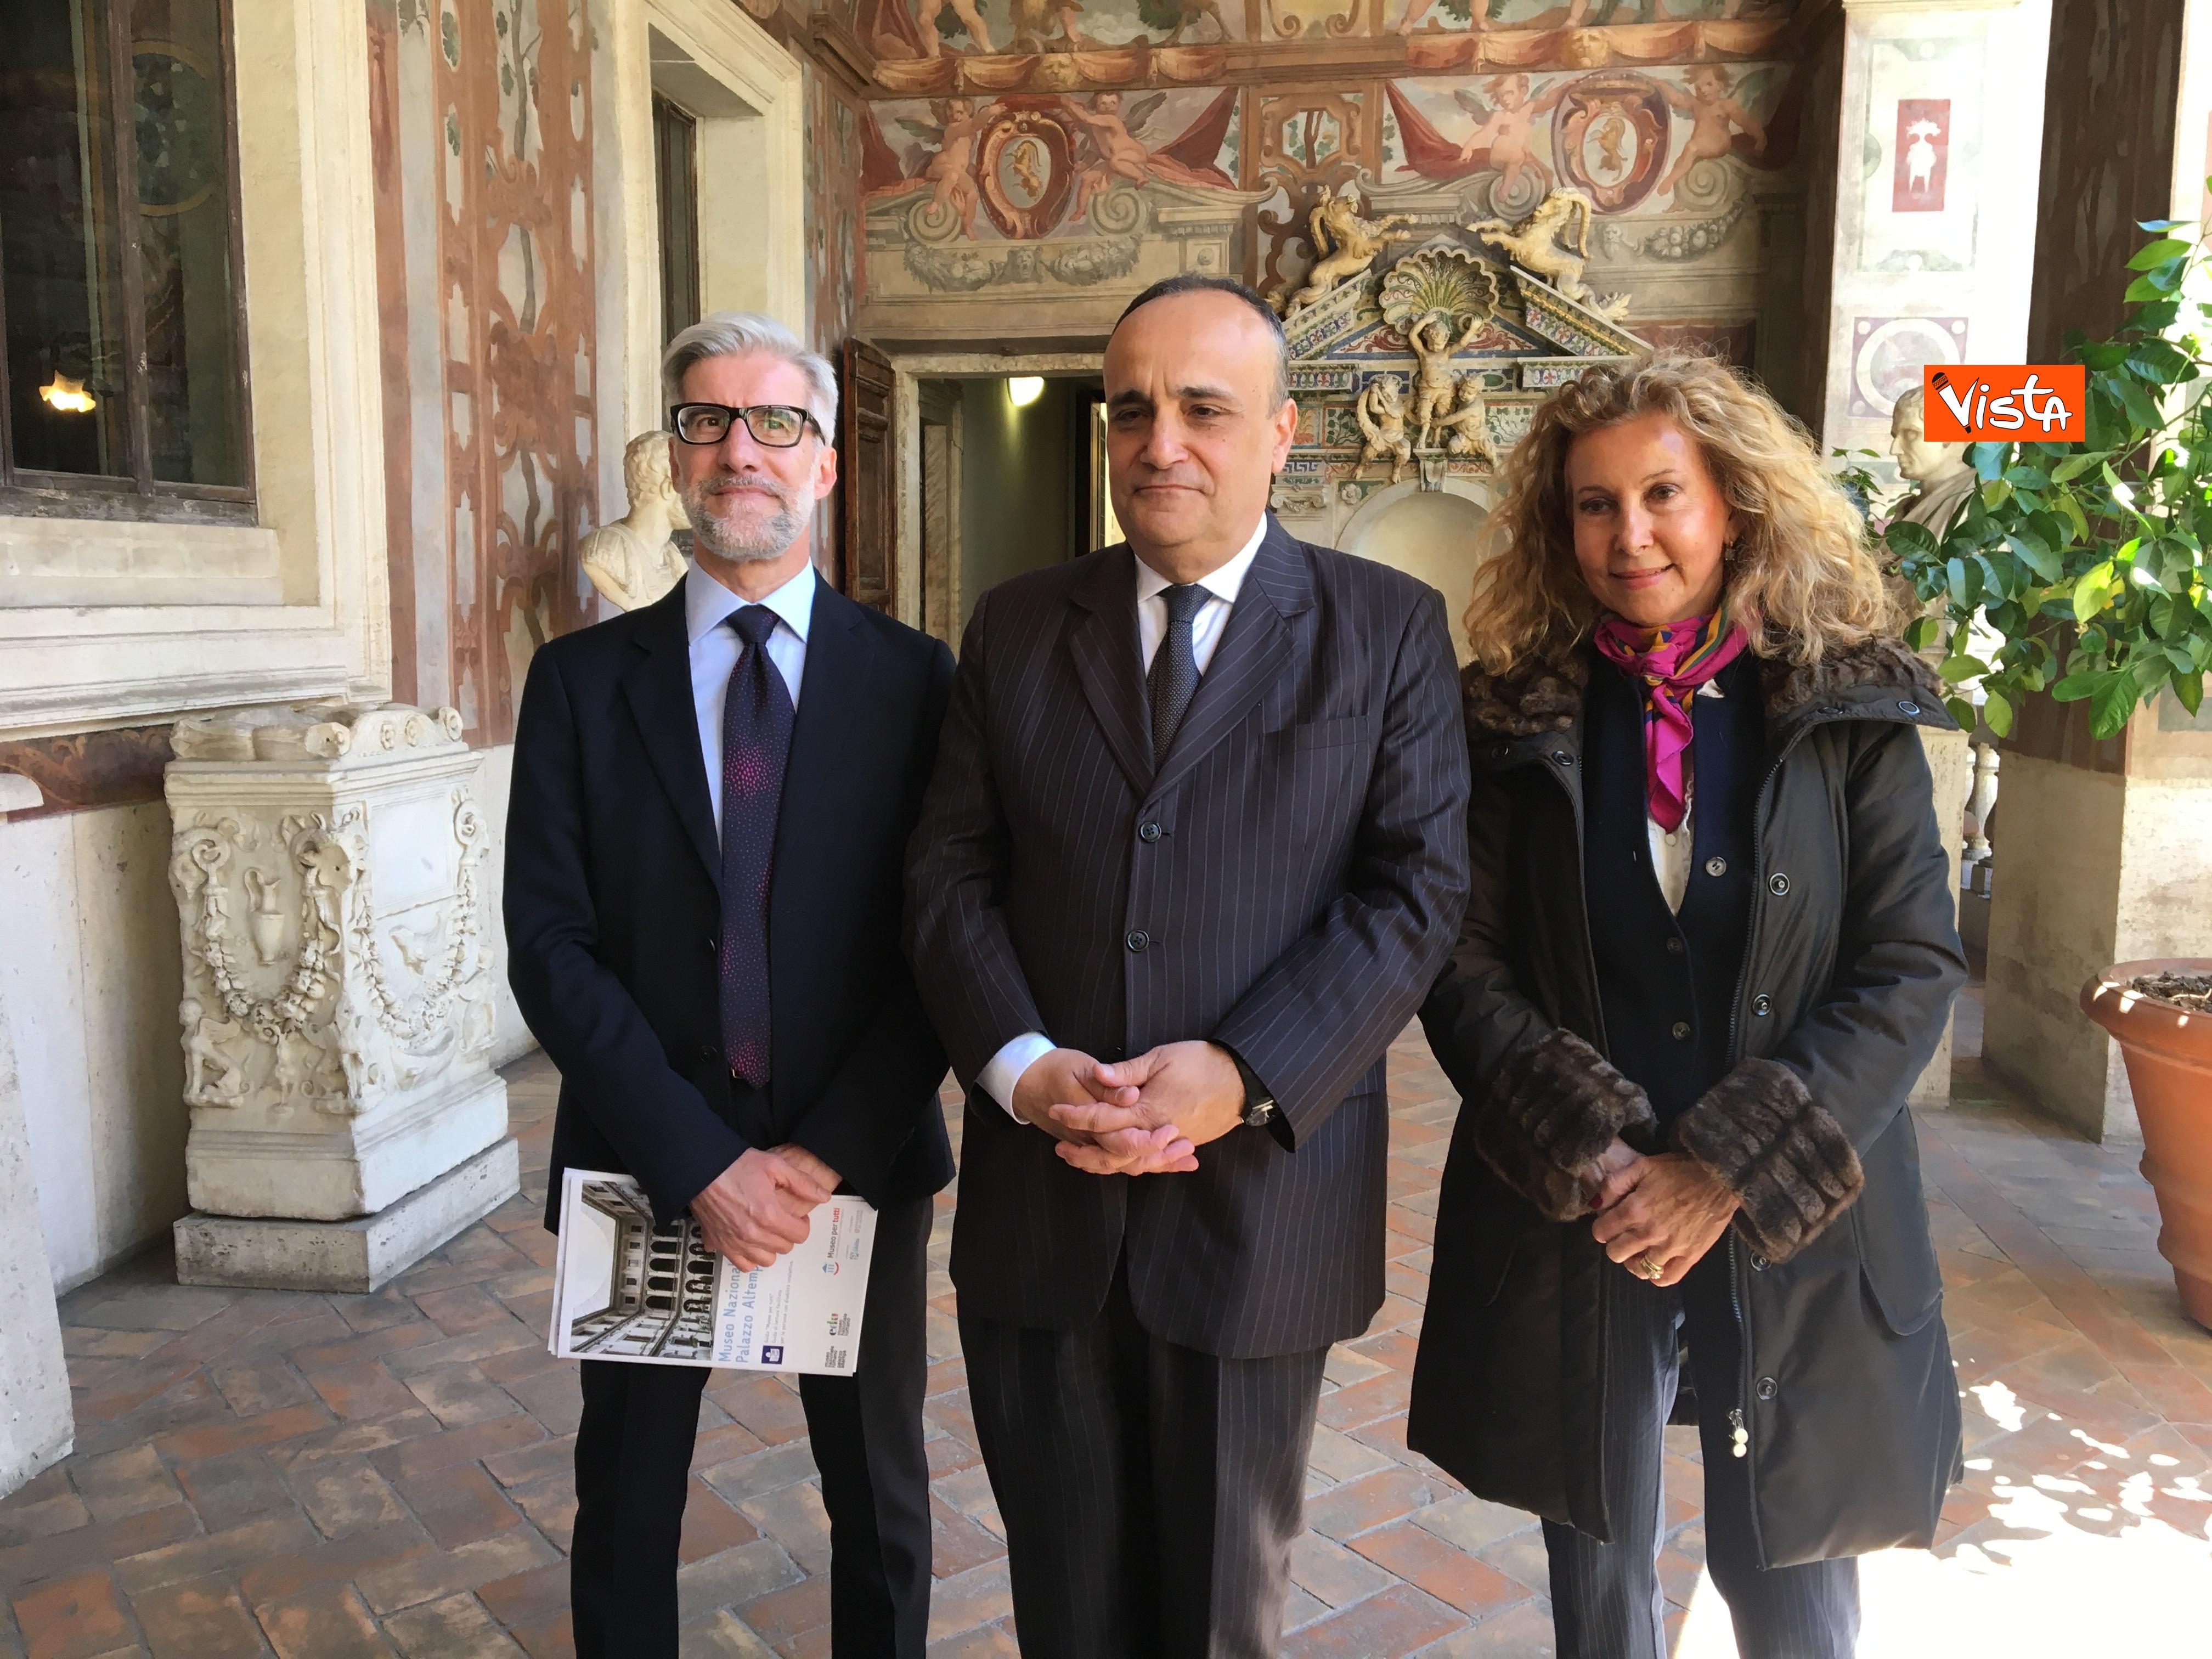 16-05-19 Museo per tutti la presentazione del progetto con Bonisoli a Palazzo Altemps_10